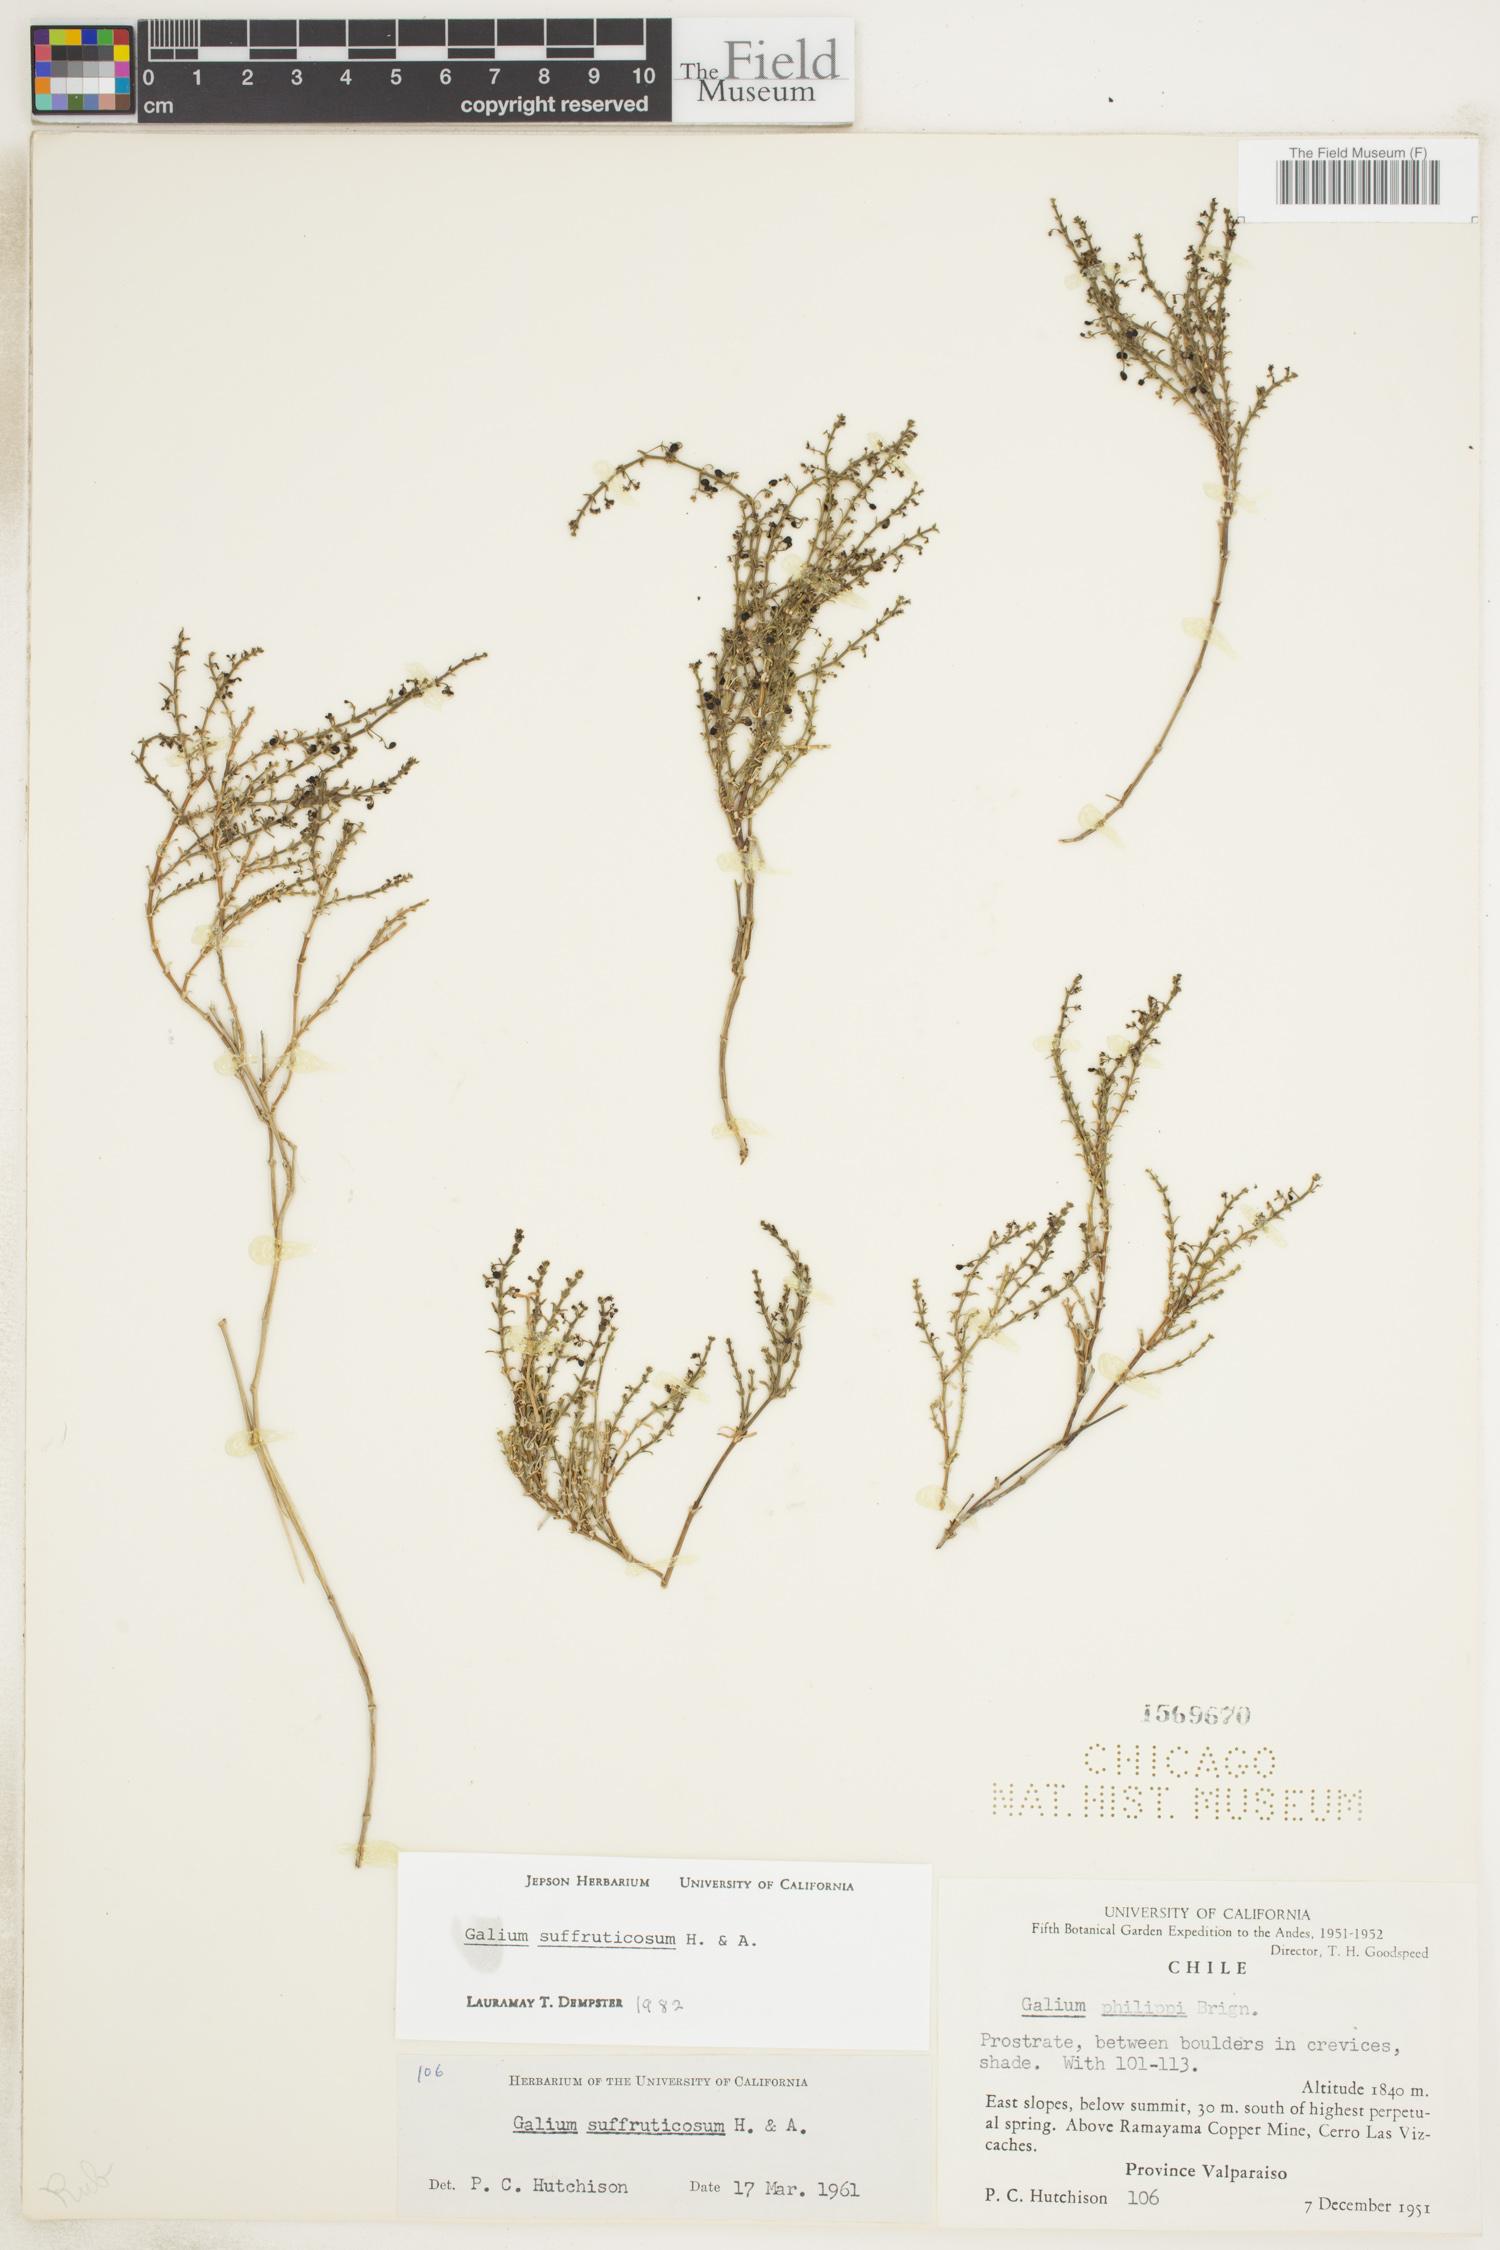 Galium suffruticosum image